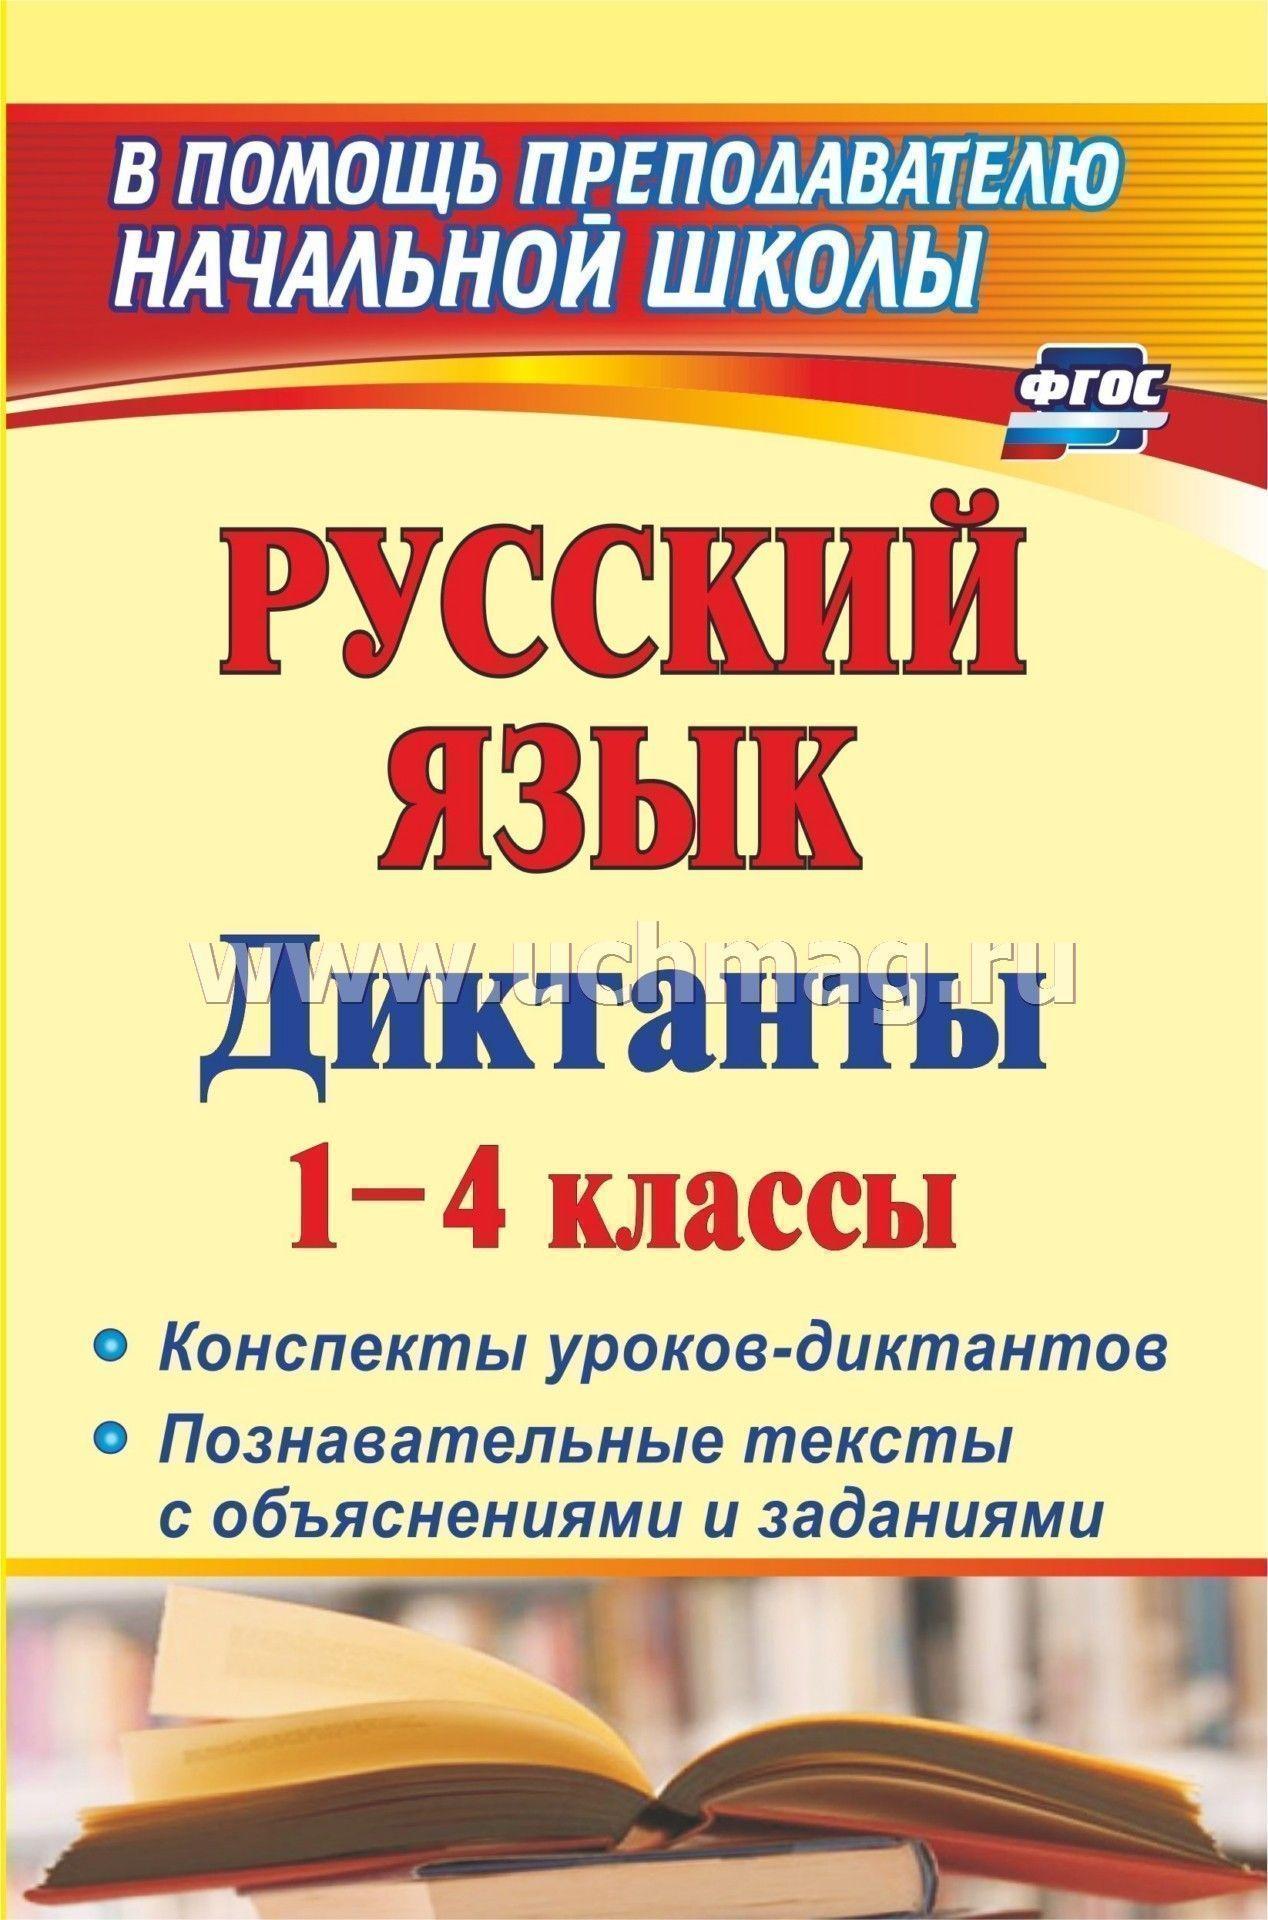 Русский язык классы конспекты уроков диктантов  1 4 классы конспекты уроков диктантов Познавательные тексты с объяснениями и заданиями